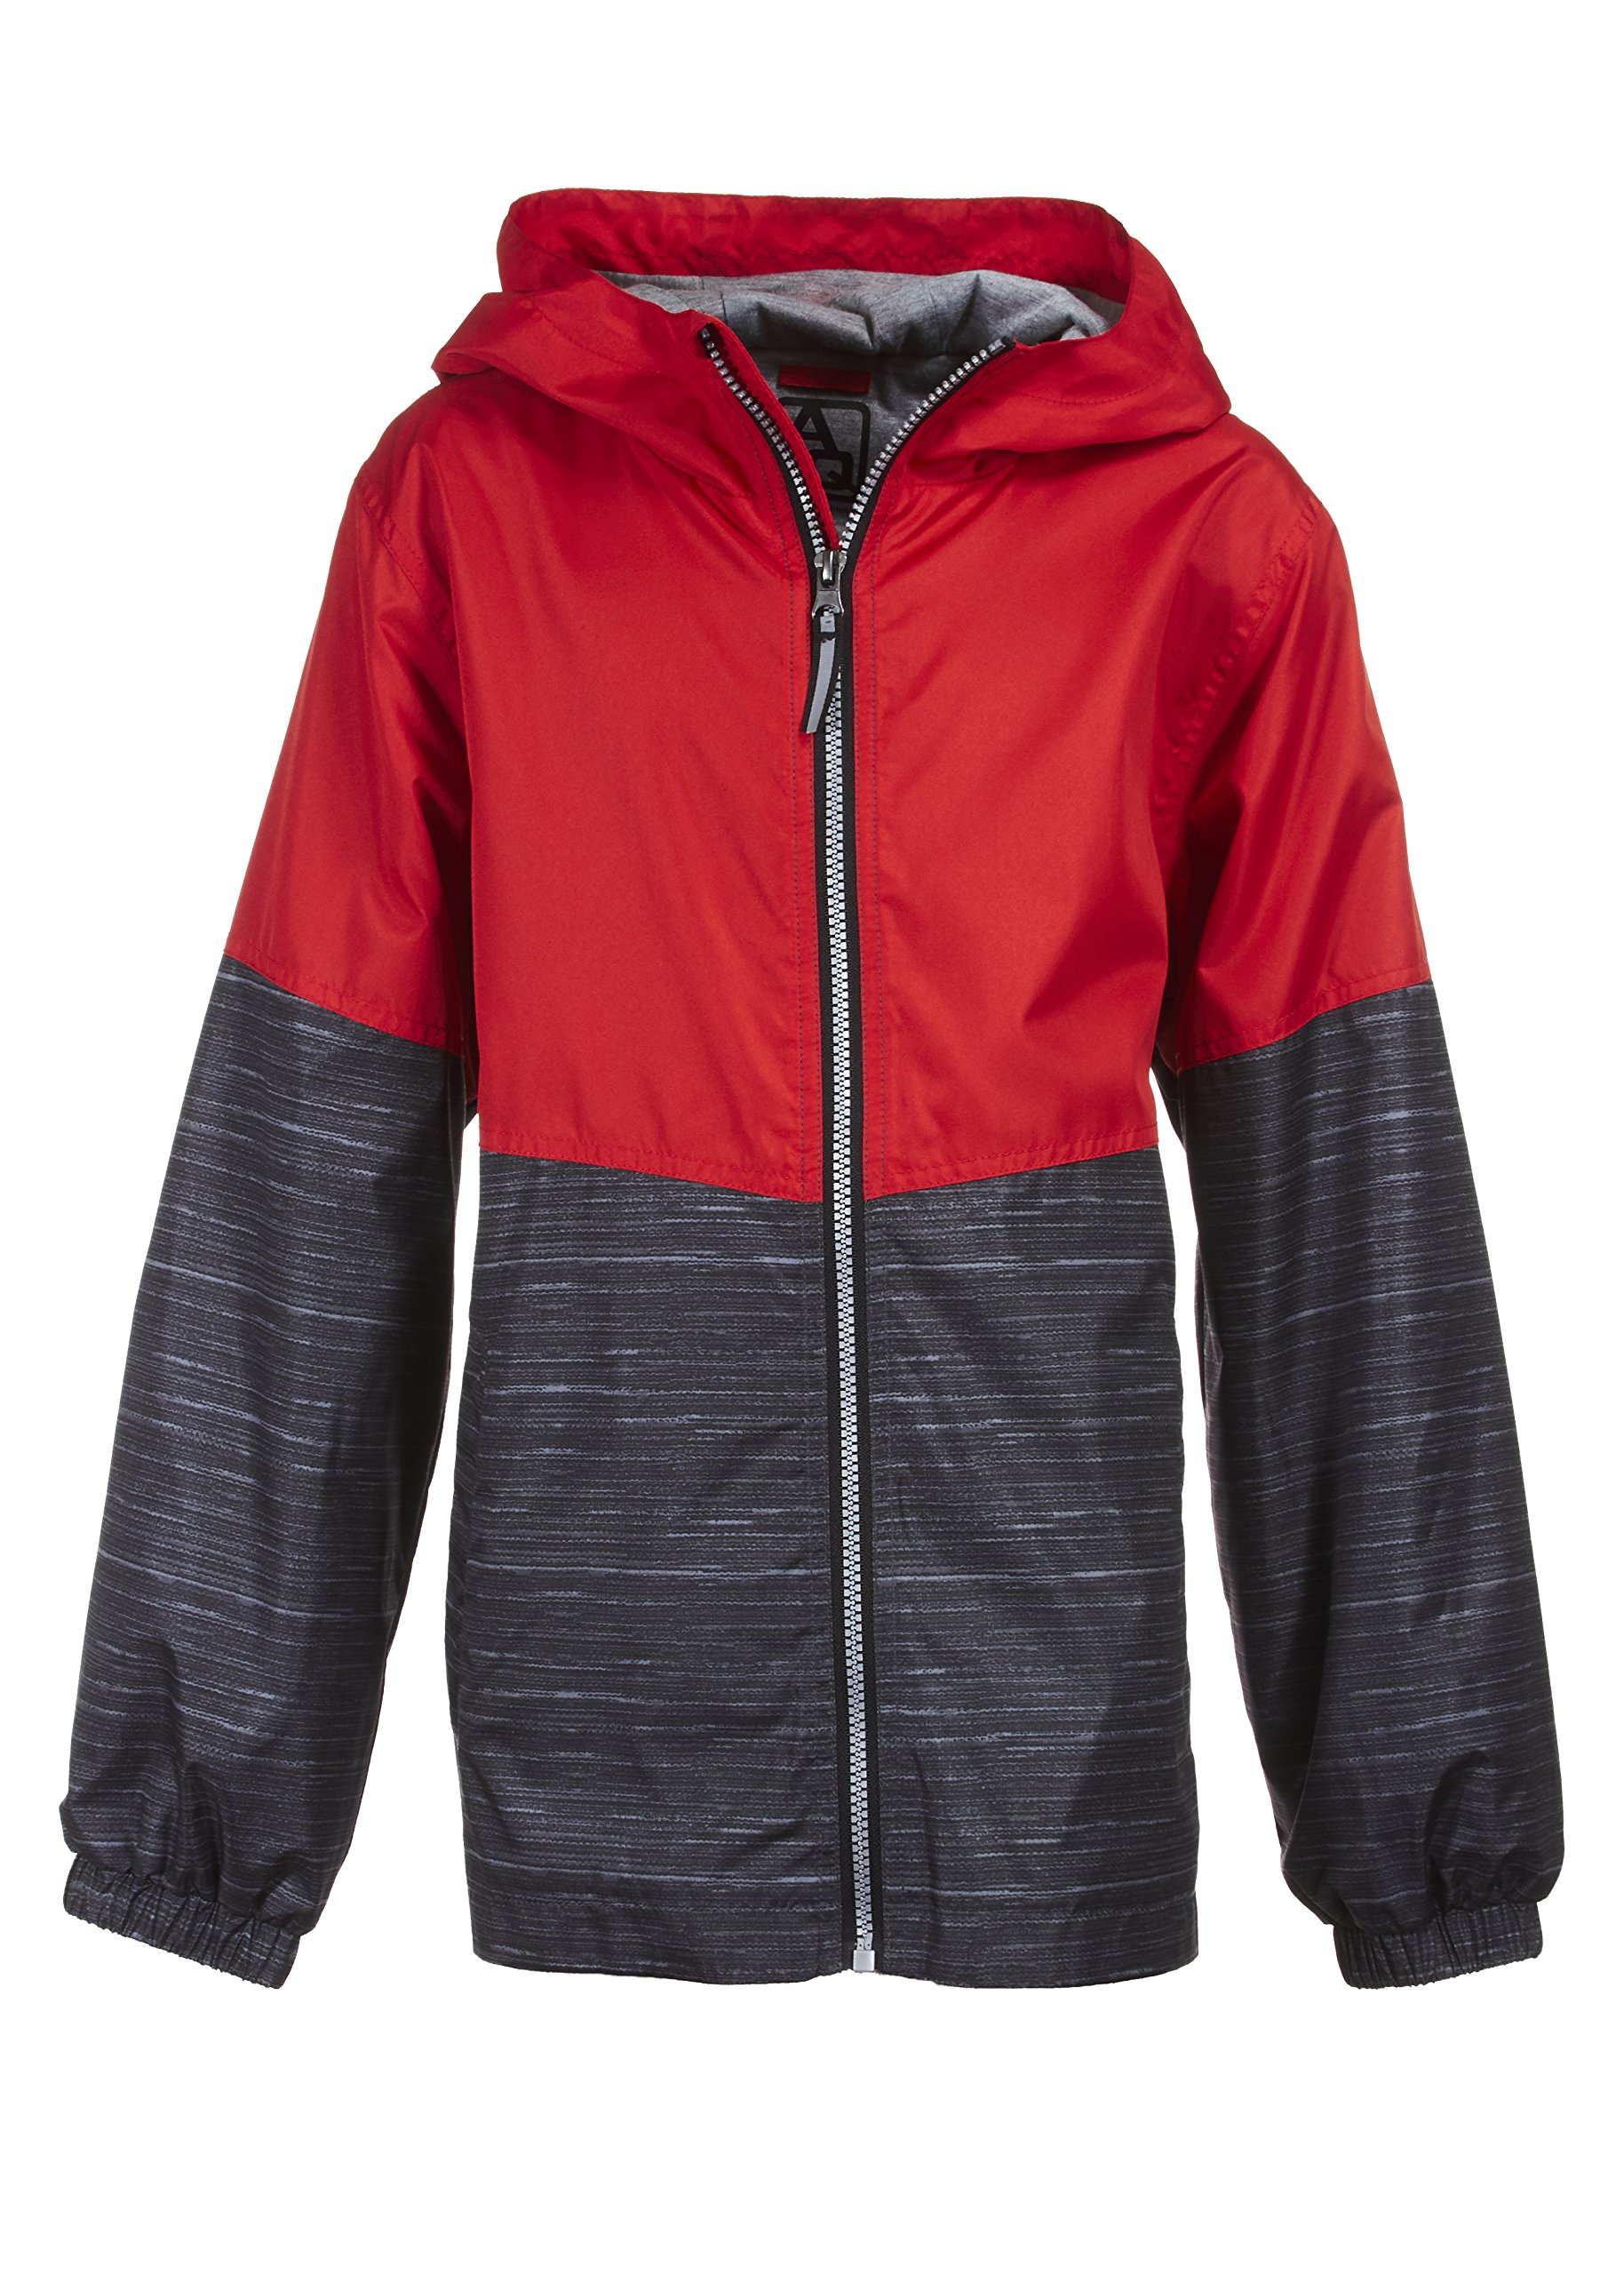 Arctic Quest Children's Colorblock Windbreaker Jacket Jersey Lining & Hood Red 10/12